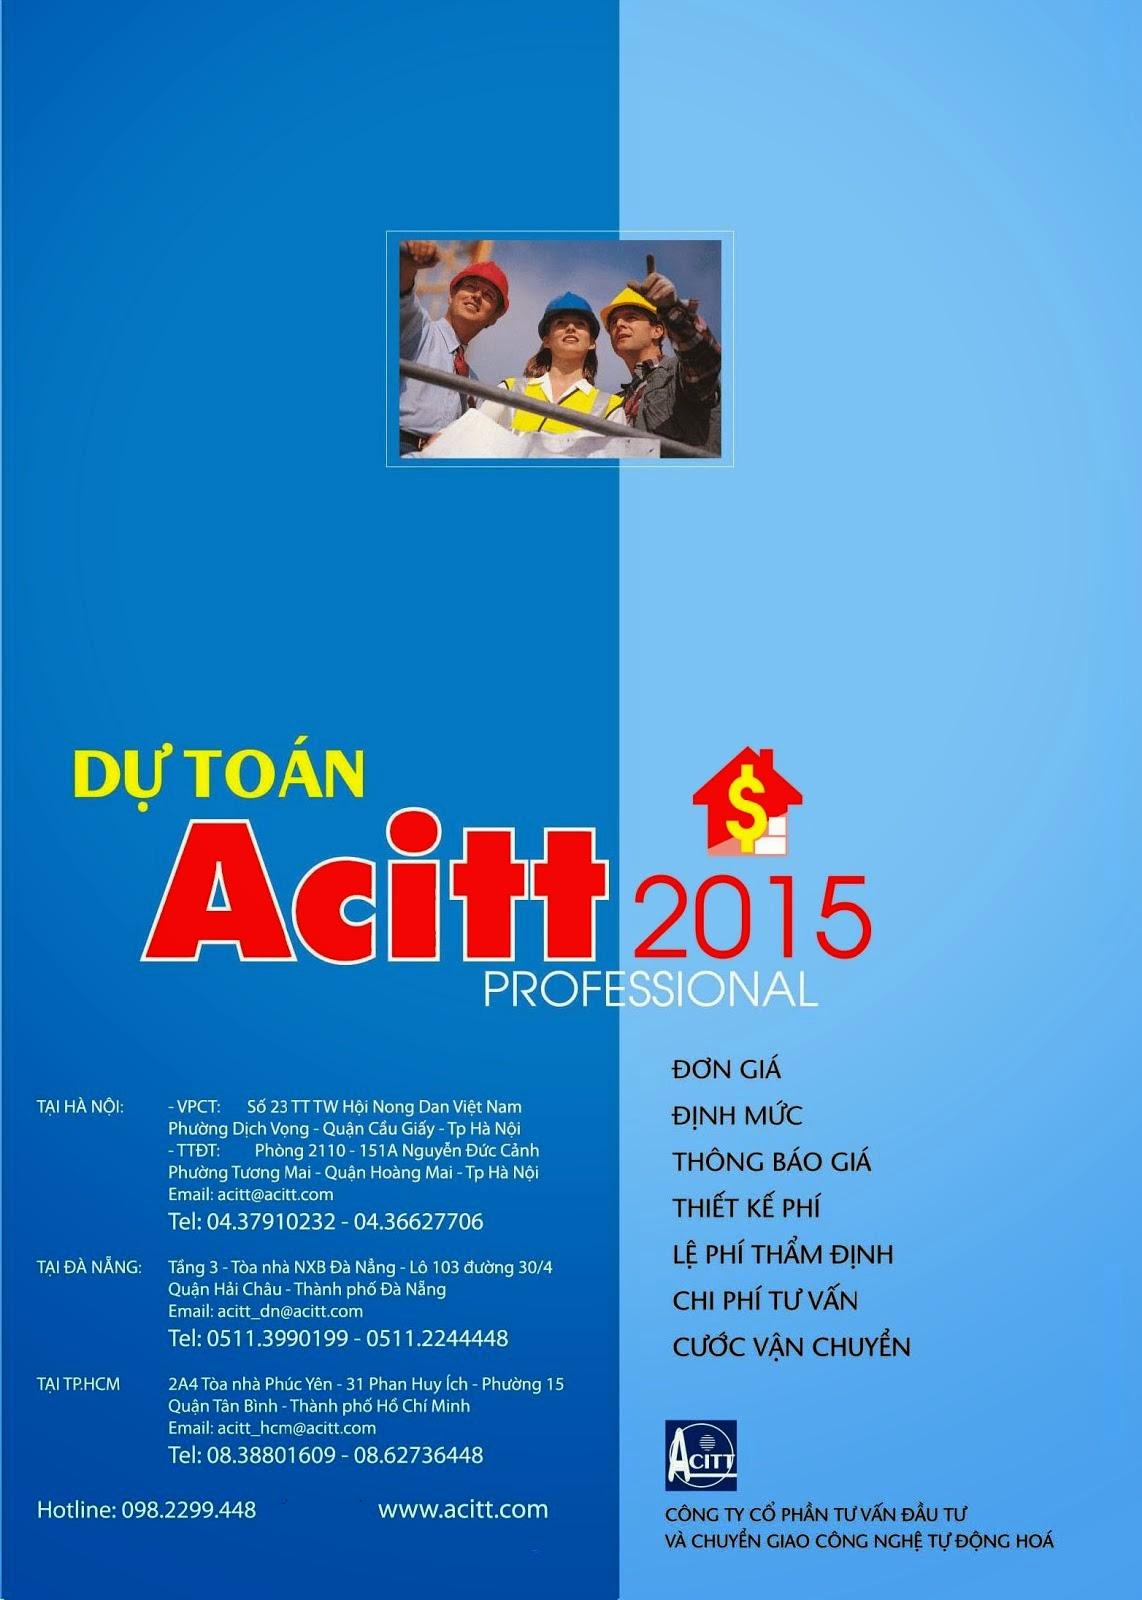 Dự toán Acitt 2015